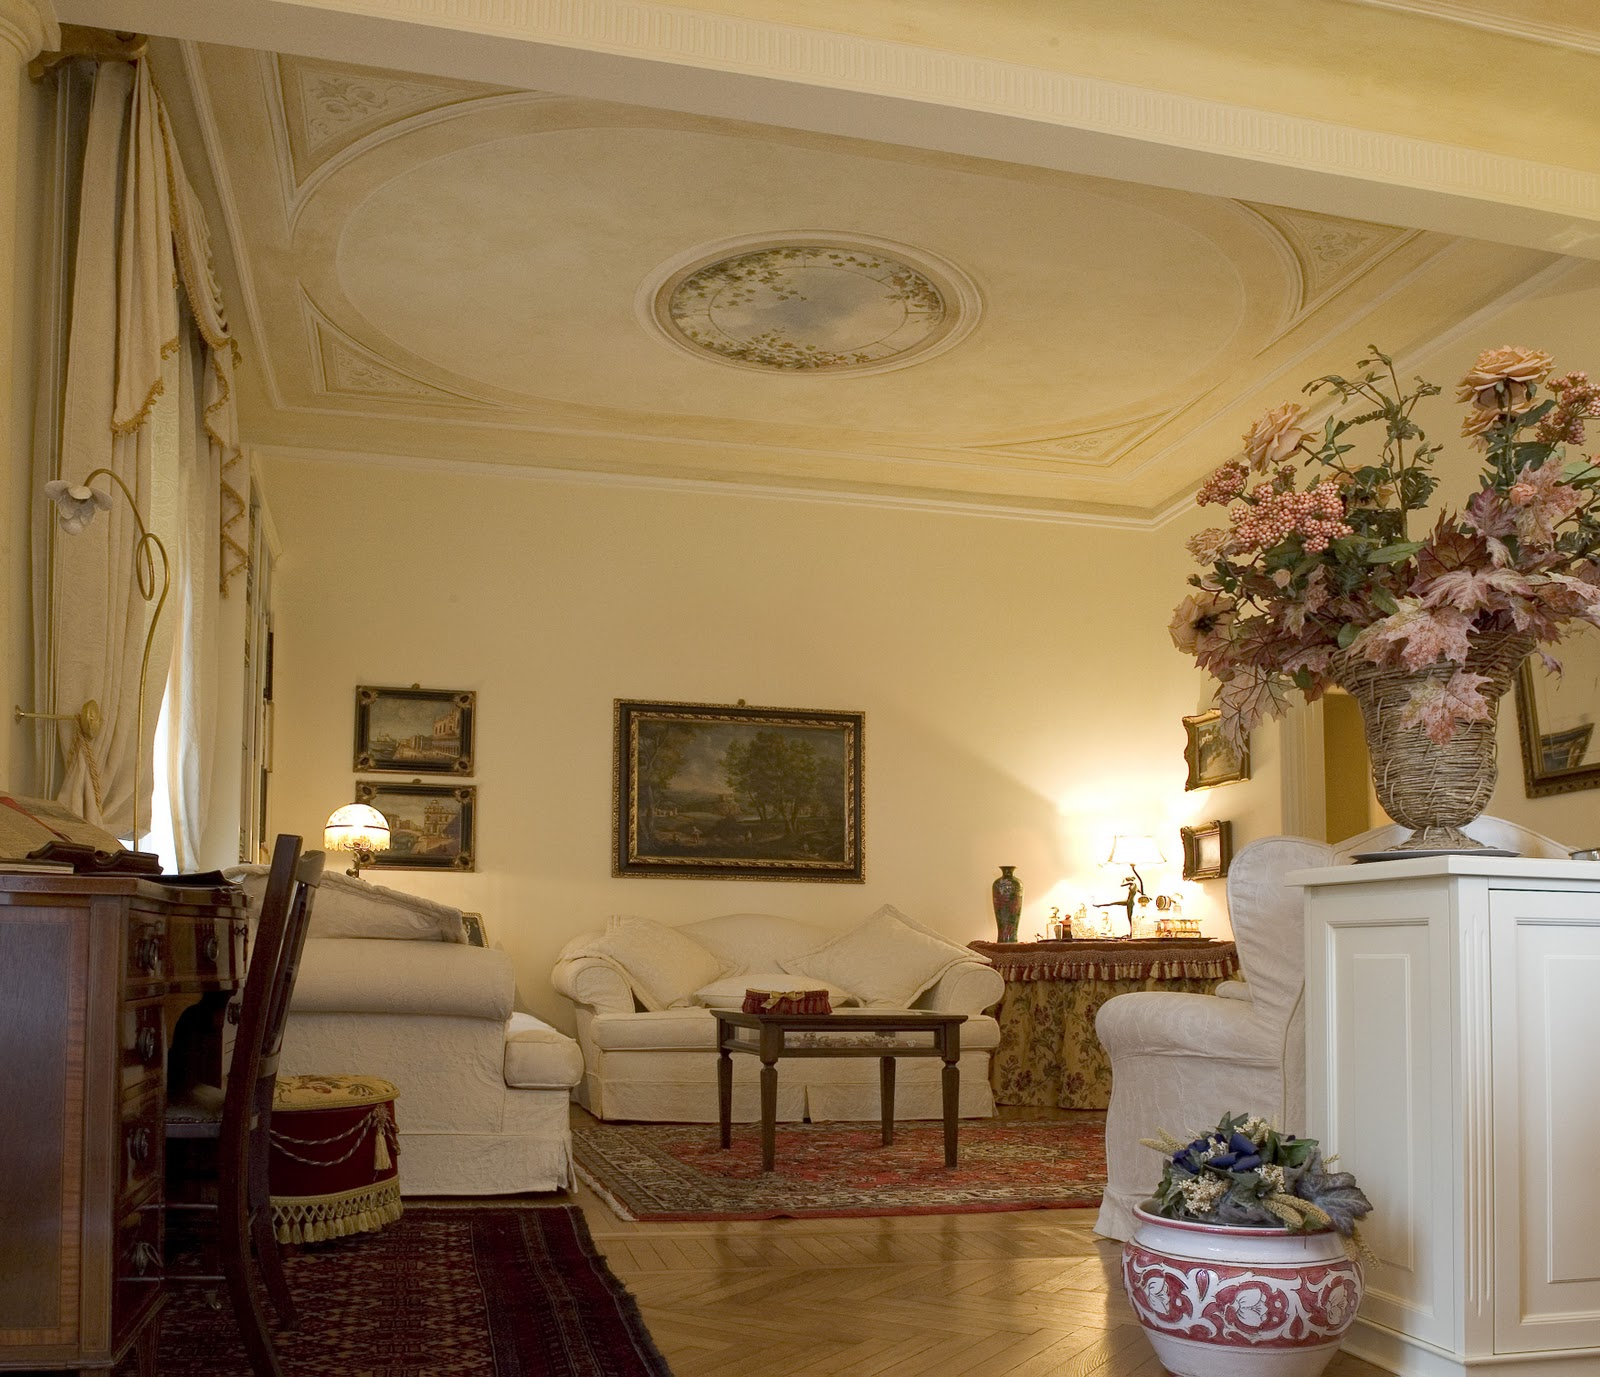 Beautiful arredamento interni classico moderno arredamento for Arredare casa costi